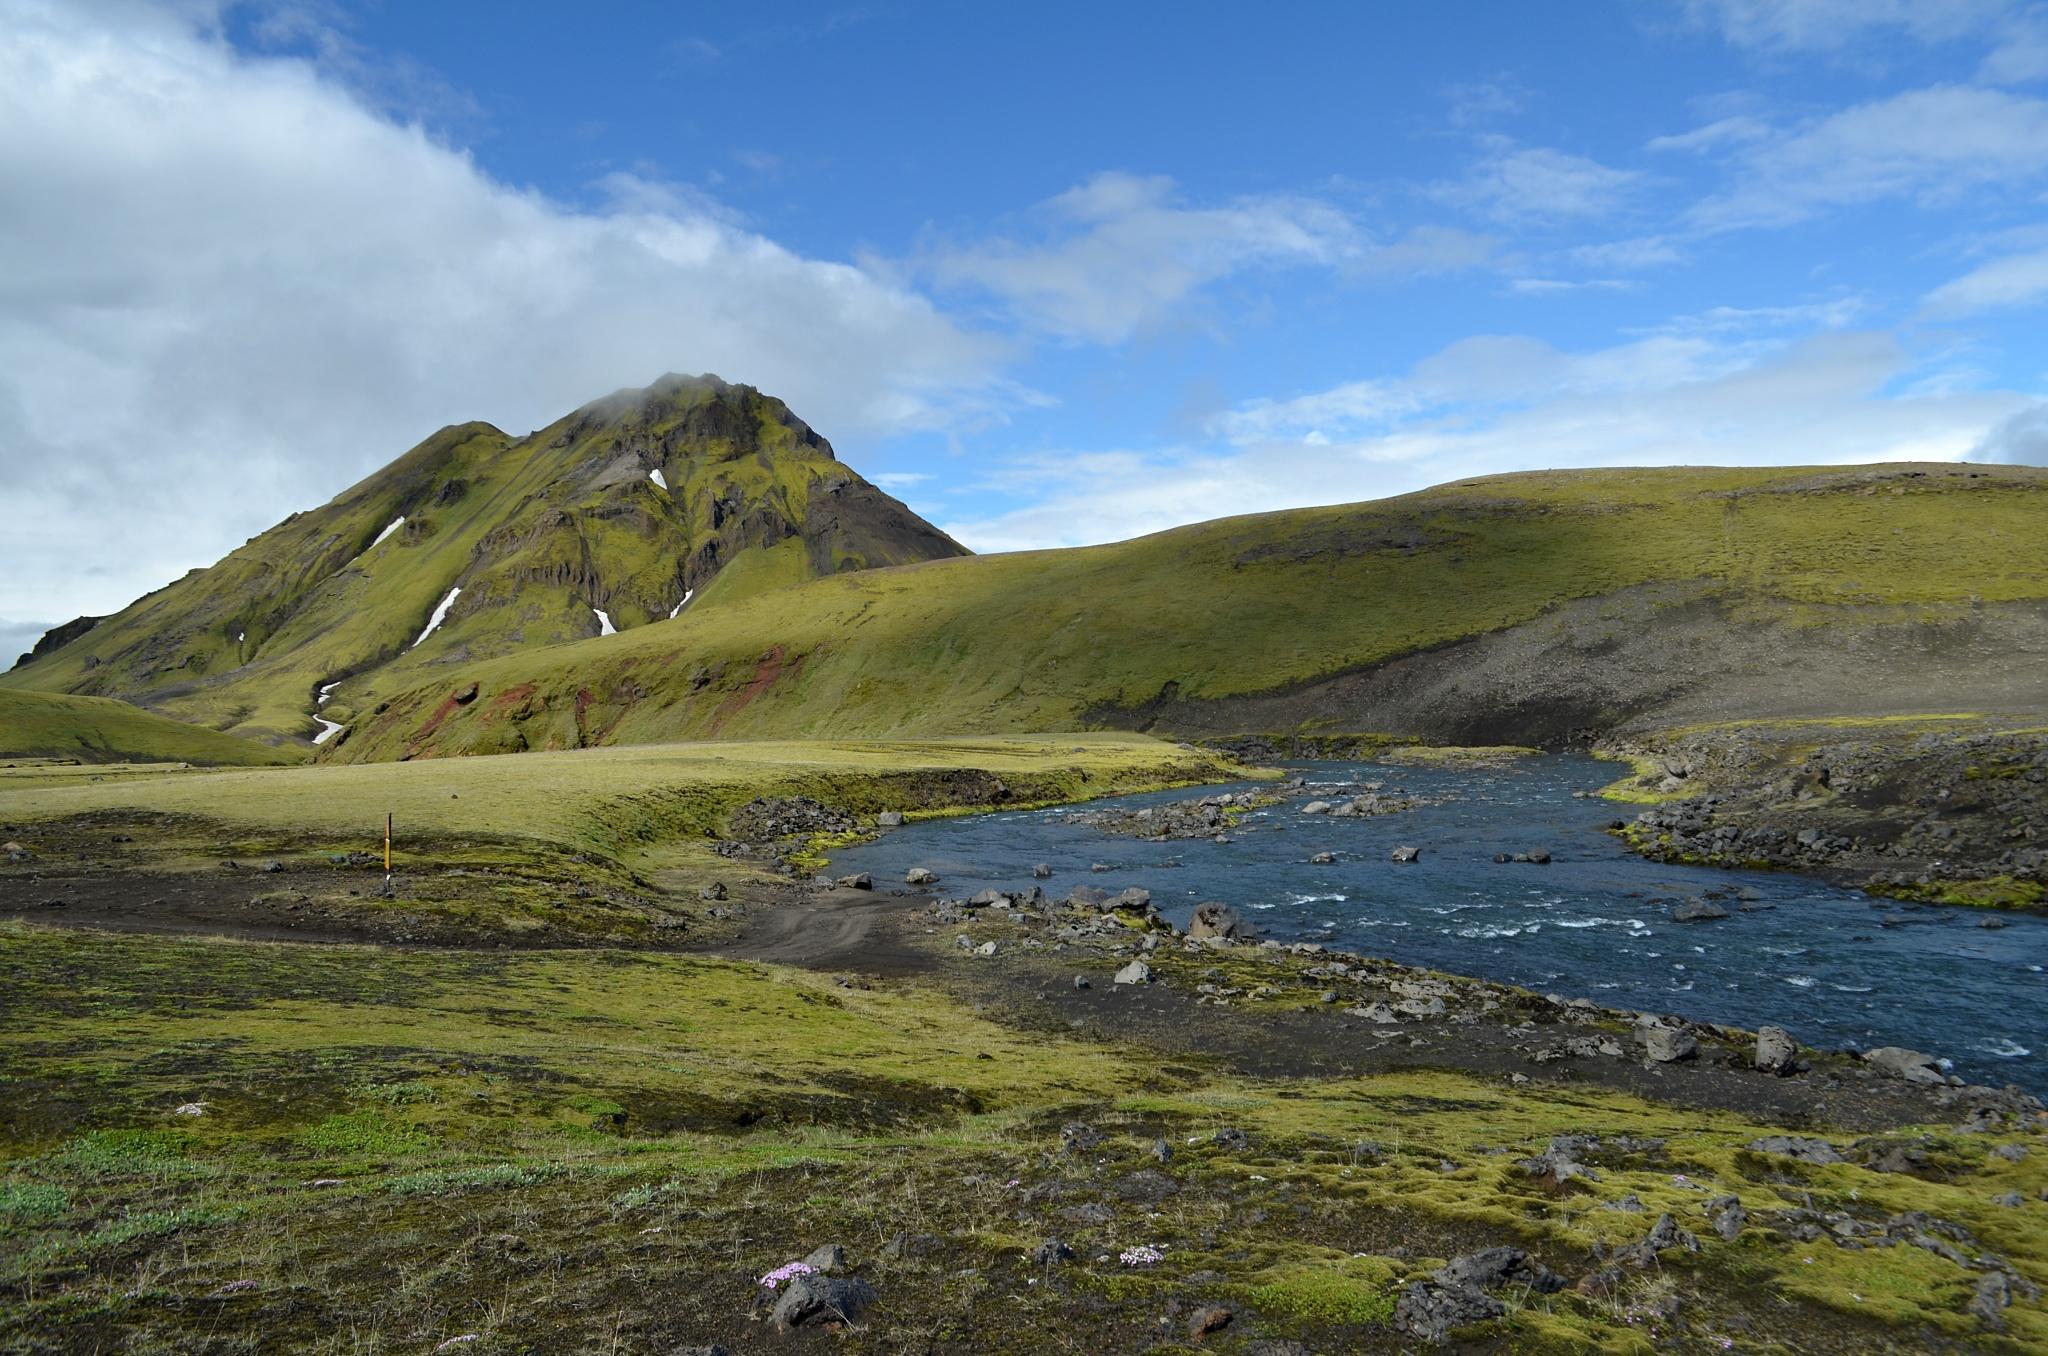 Krásná scenérie u řeky Kaldaklofskvísl